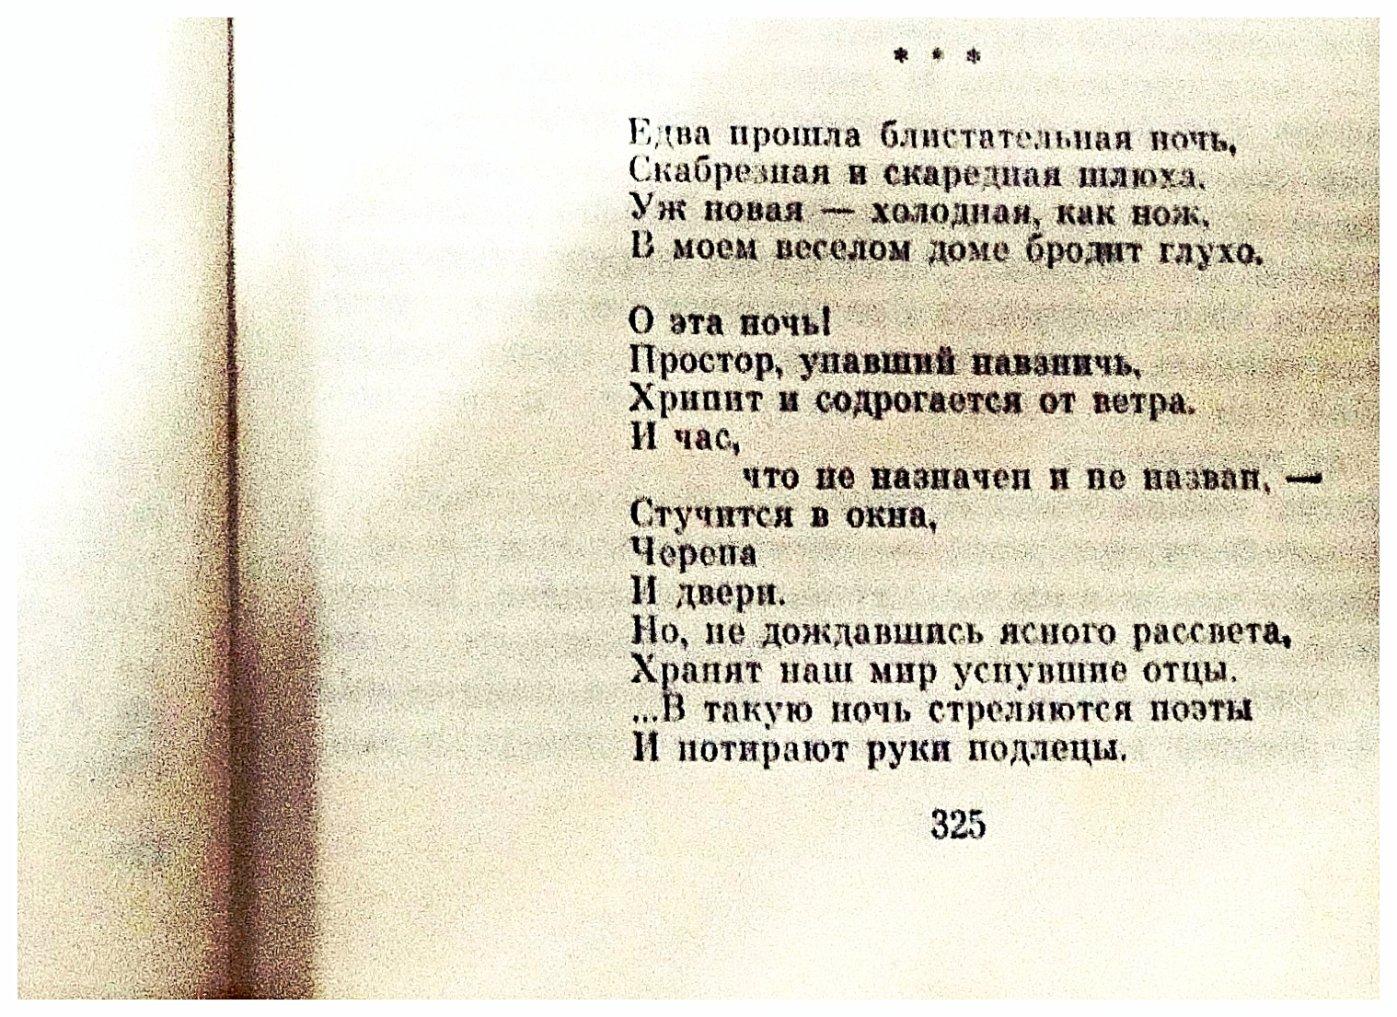 Виктор Астафьев, из книги Царь-рыба, иллюстрации, фото 005